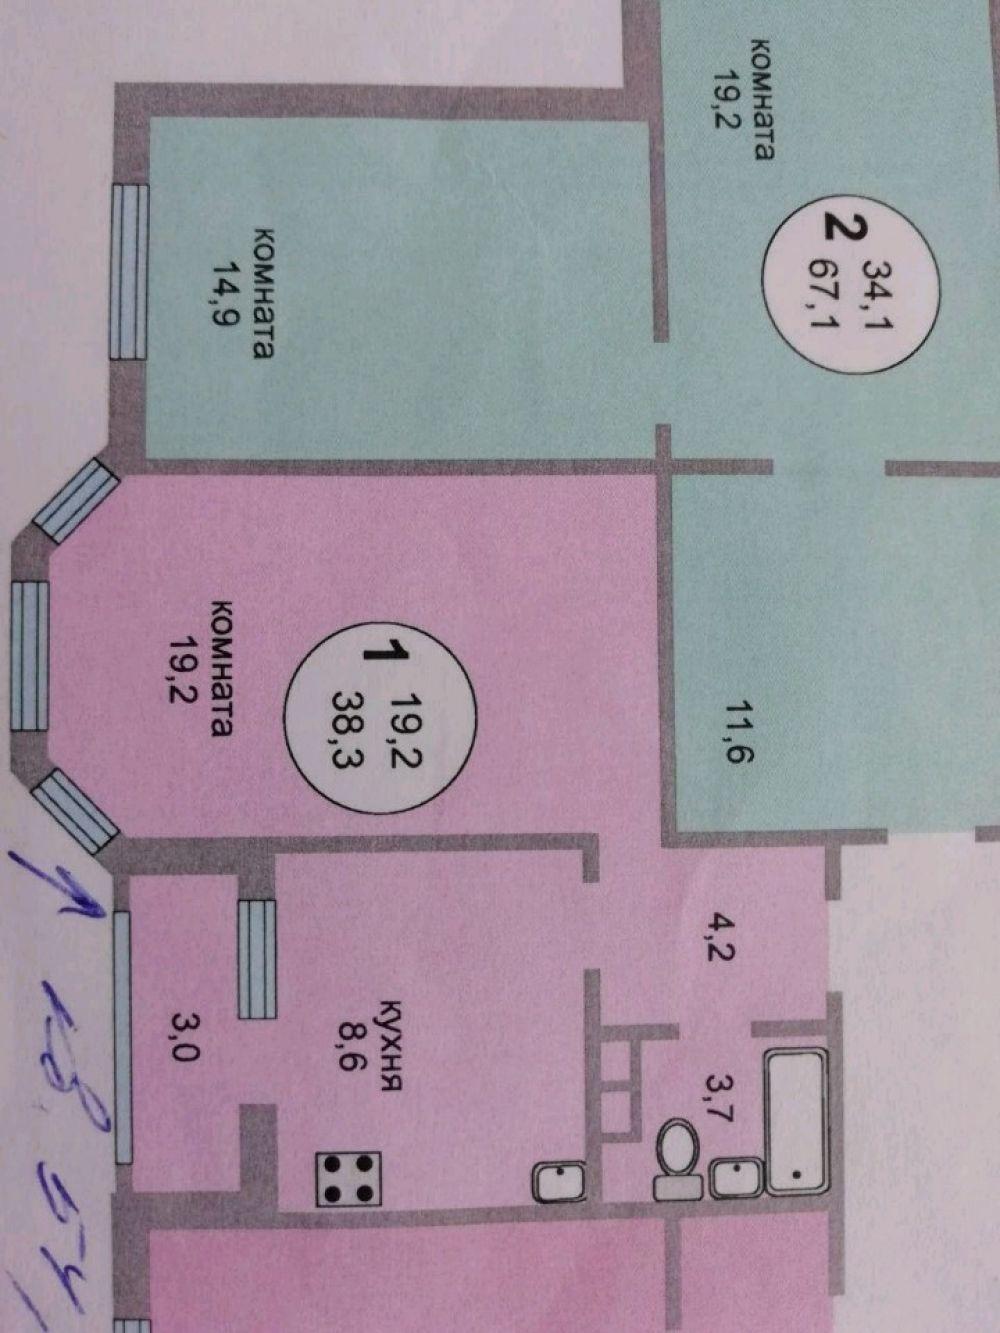 Однокомнатная квартира Московская область г. Королев, ул Мичурина, д. 27 корп. 7, фото 15